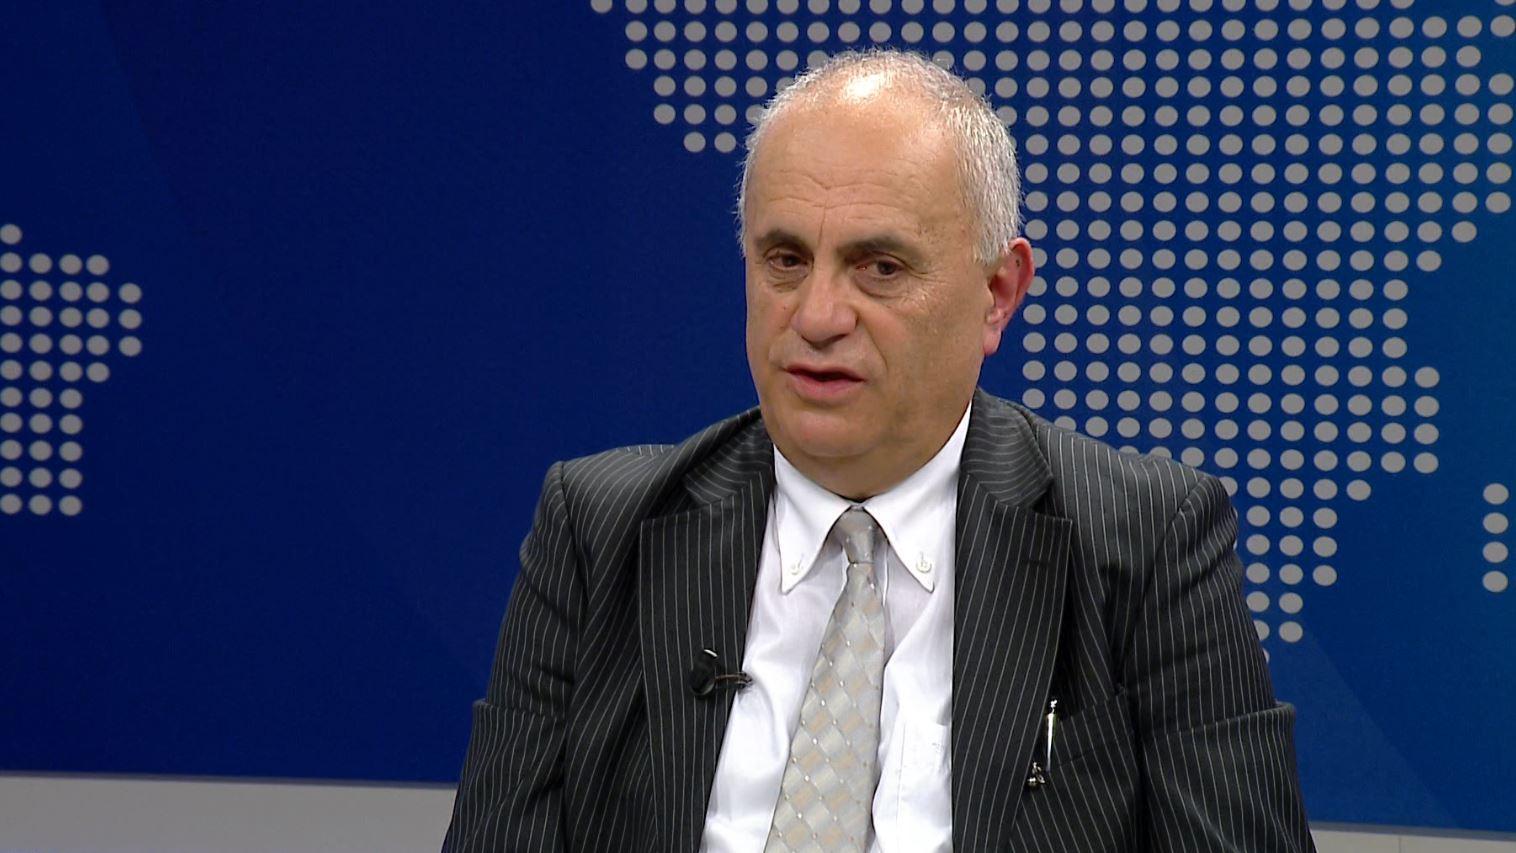 Fuga: Shqipëria drejt çmendurisë, shpëtoni, emigroni, shtrihuni barkaz….